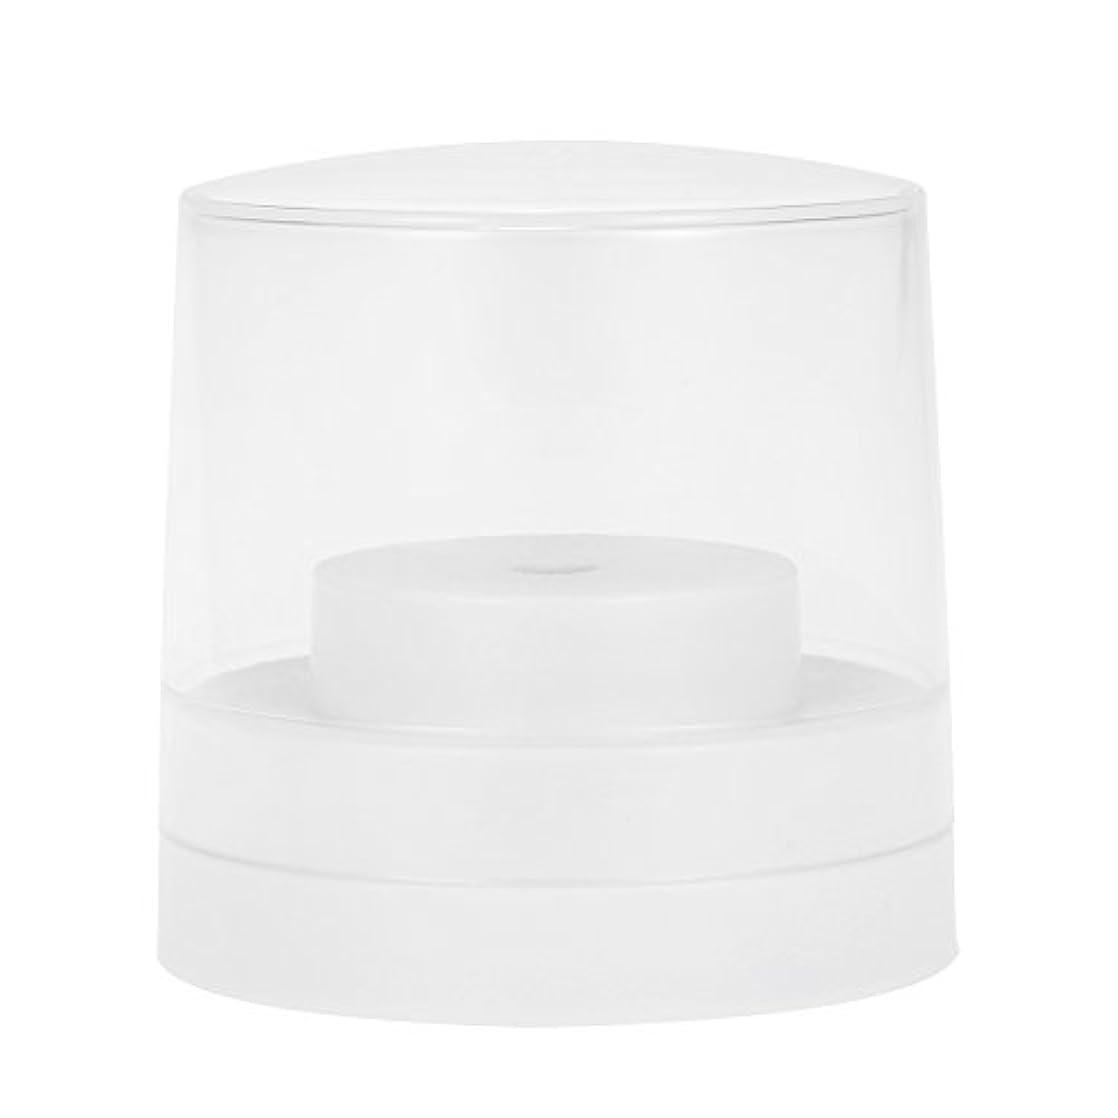 一目無条件拳Decdeal ネイルドリルビットホルダー 60穴 歯科用 バースタンド ディスプレイ オーガナイザー コンテナ 透明 カバープラスチック ネイル 歯科用アクセサリー